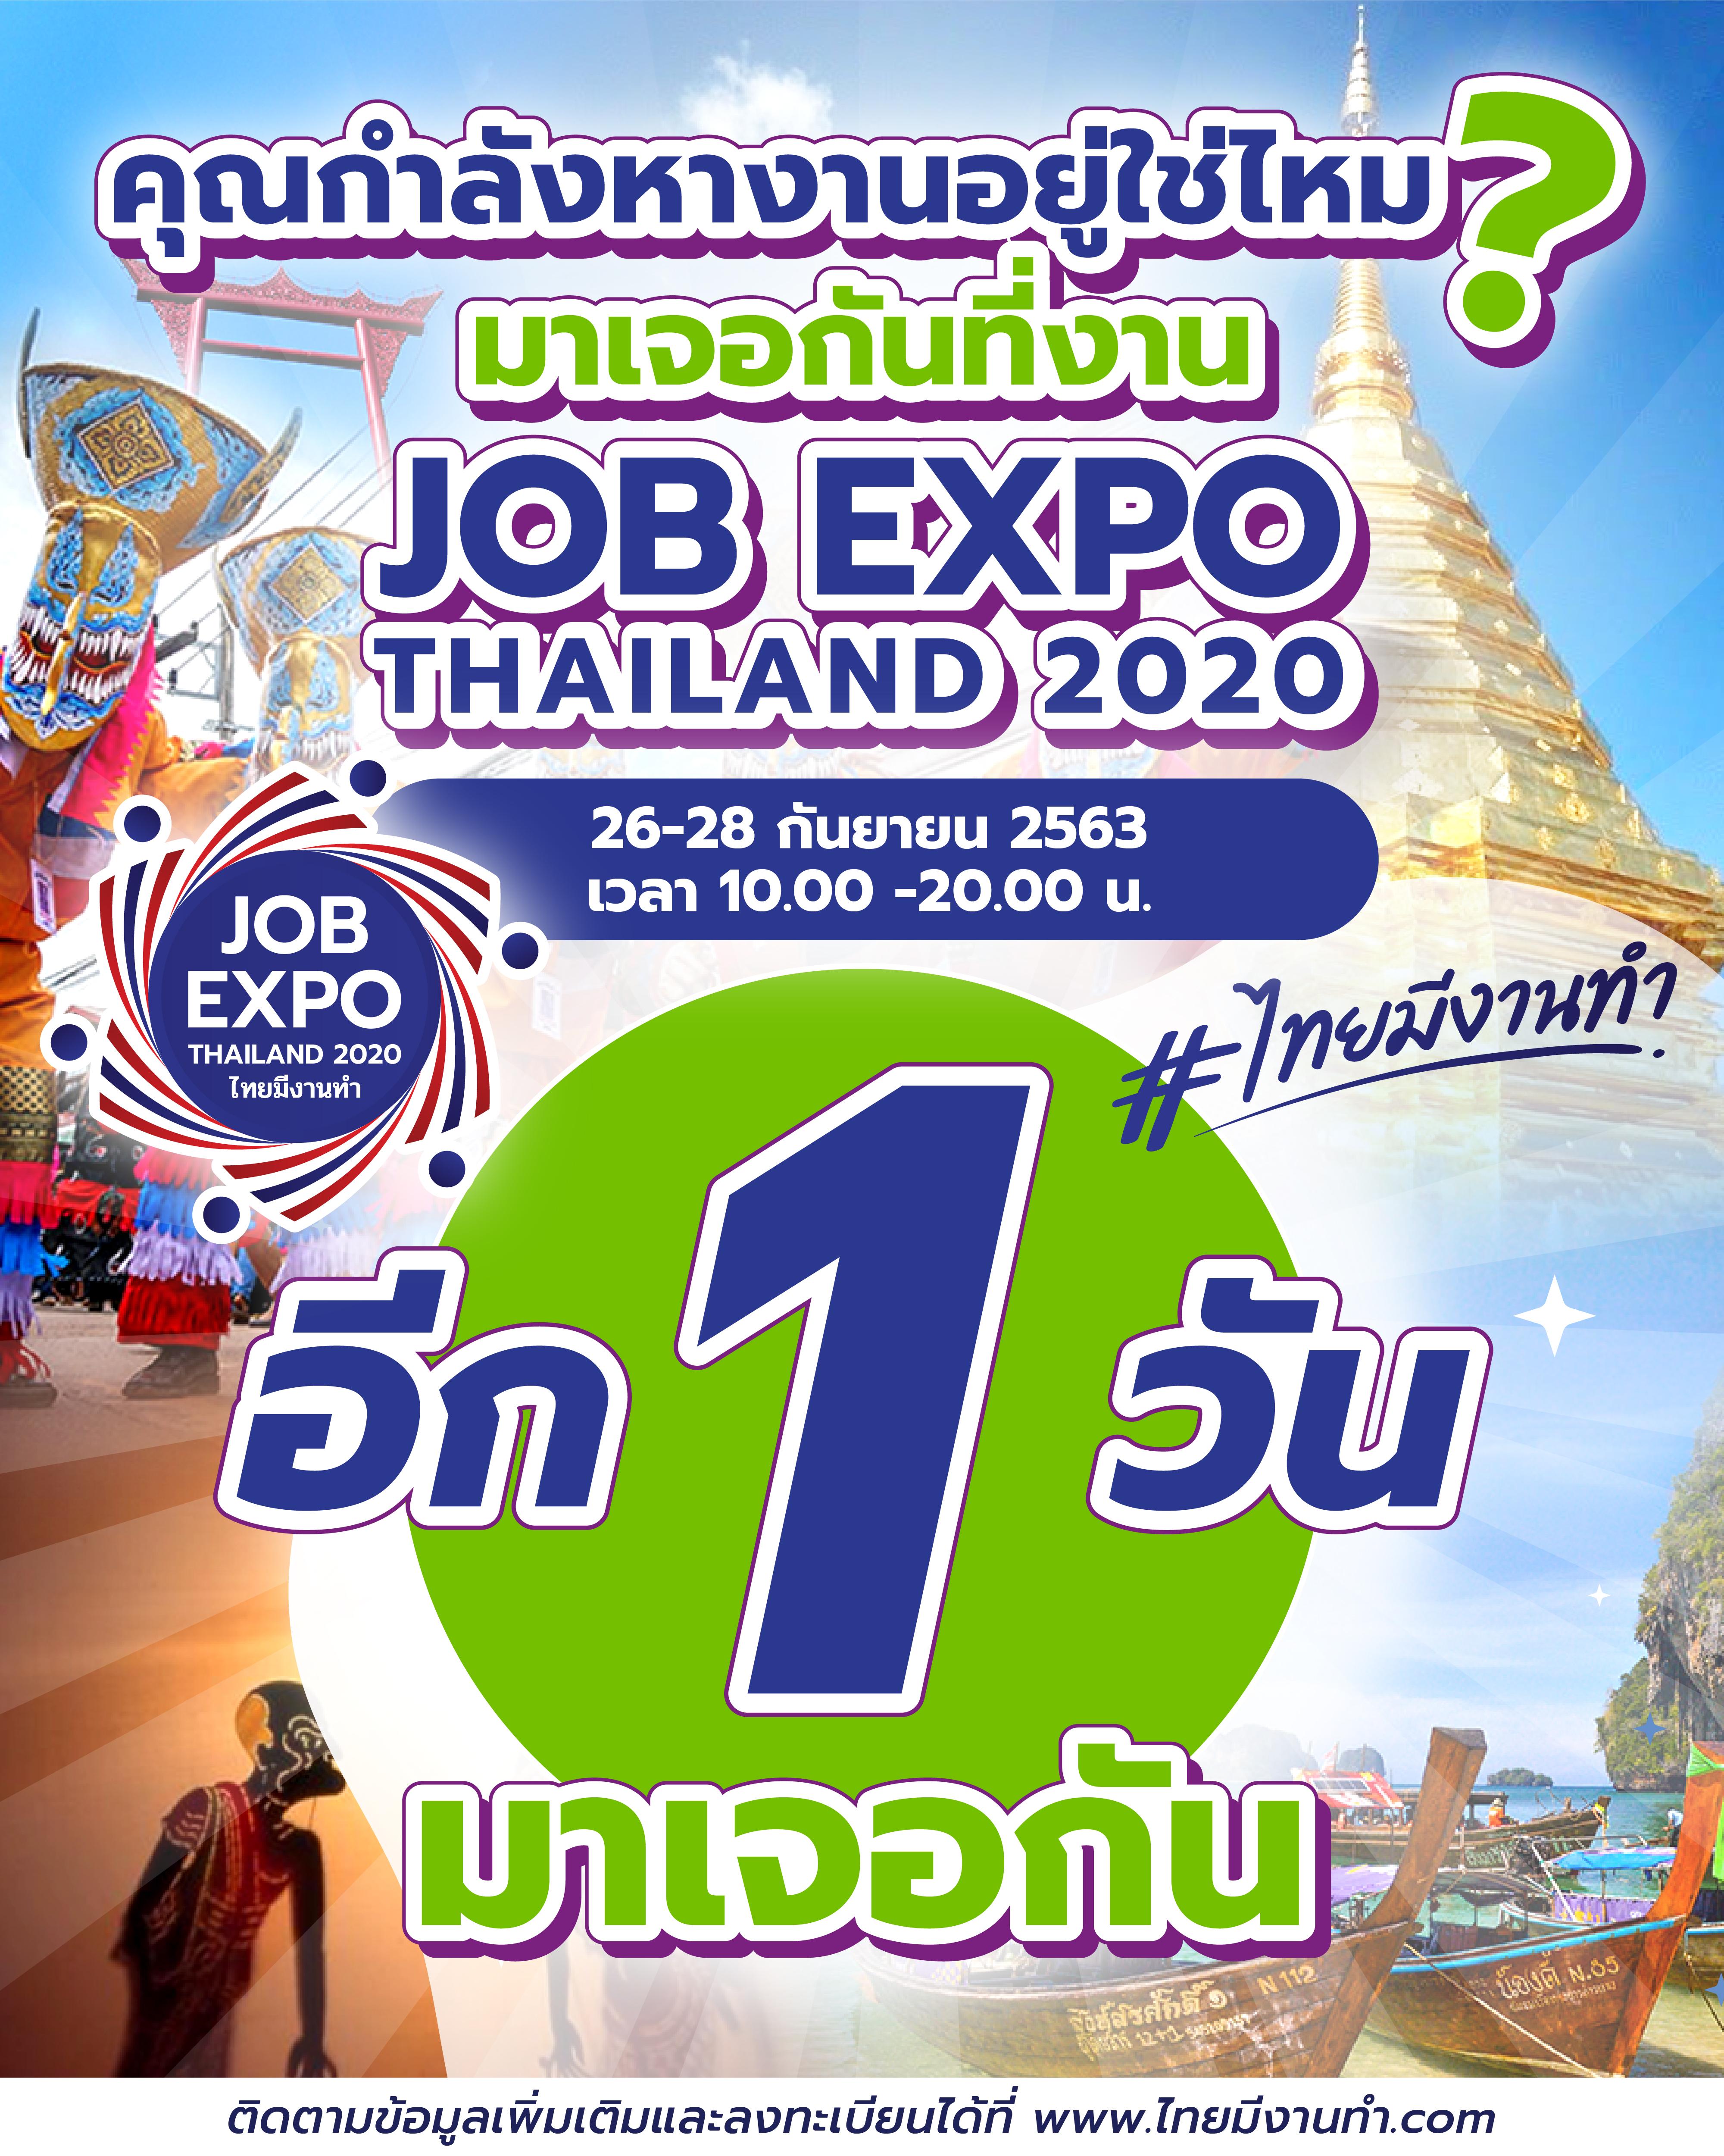 """กำลังหางานอยู่ใช่ไหม !!! อีก 1 วันเท่านั้น พบกับพวกเรากระทรวงแรงงานที่งานนี้ตั้งใจจัดให้ท่านพบกับ """"ตำแหน่งงานกว่า 1 ล้านอัตราทั่วประเทศ ทุกสาขา ทุกอาชีพ"""" จบในที่เดียว ที่งาน Job Expo Thailand 2020 ที่ไบเทค บางนา ฮอลล์ 98-99 วันที่ 26-28 ก.ย. 63 นี้ เวลา 10.00-20.00 น."""